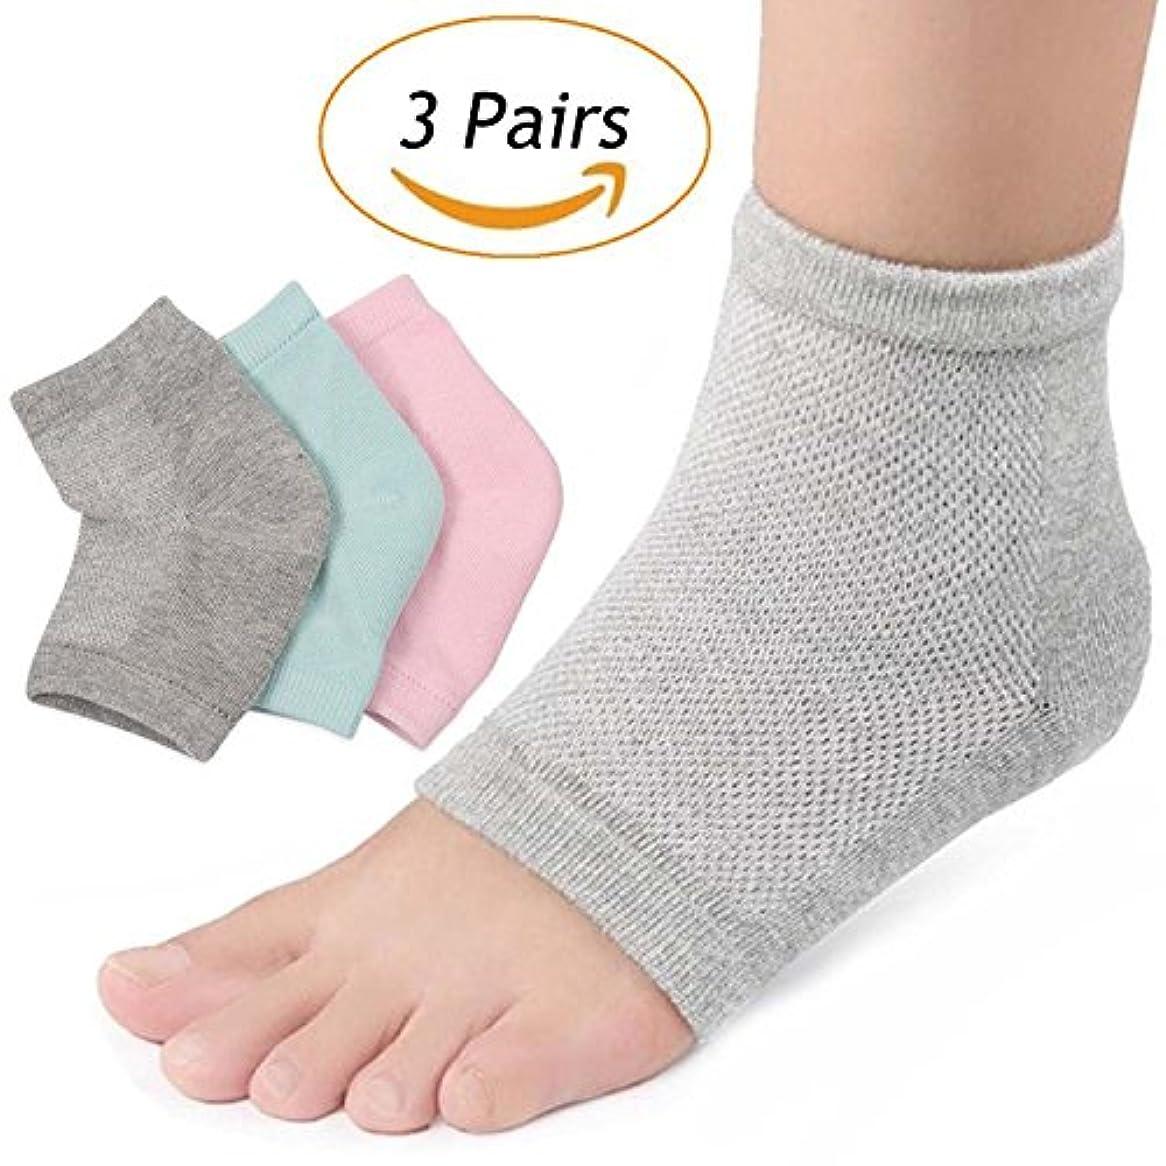 ゴミ箱国際音声学LOVART'S BEAUTY かかと靴下 指なし つるつるソックス かかとカバー メッシュ ケア 美脚 3足セット